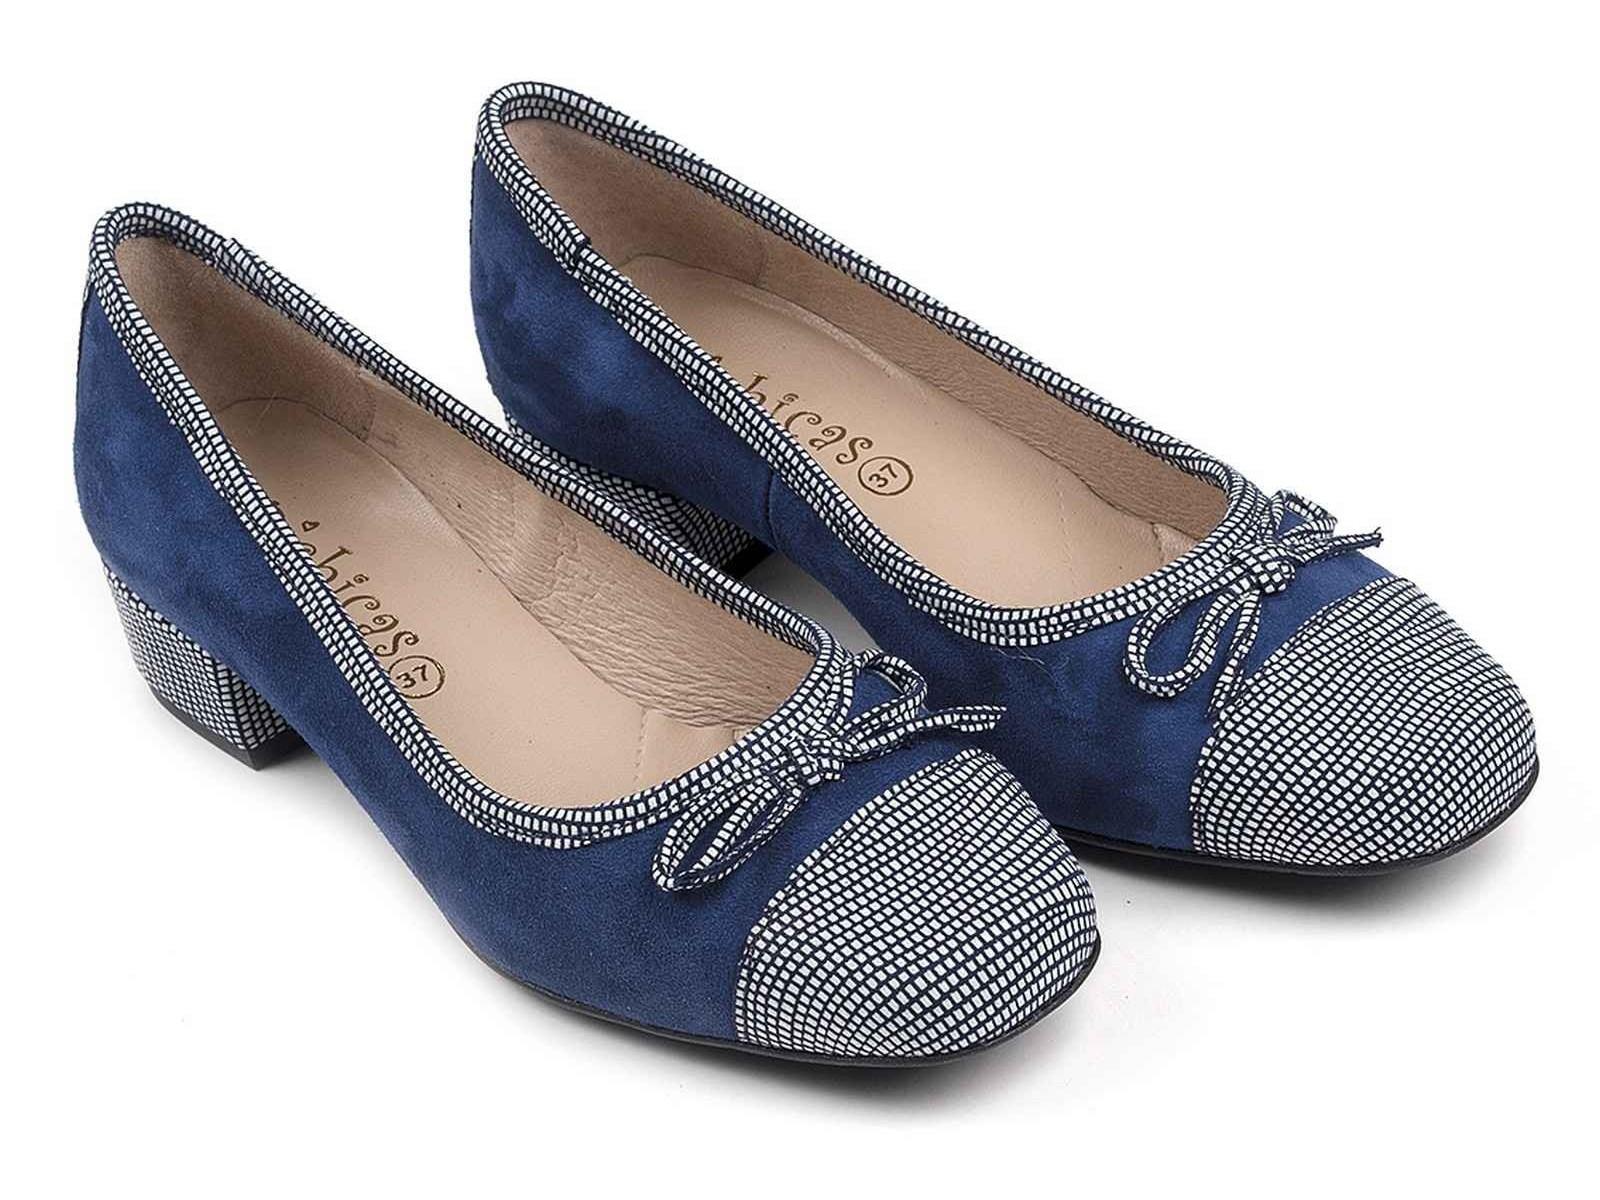 Zapatos Chicas Zapatos Al por mayor en línea